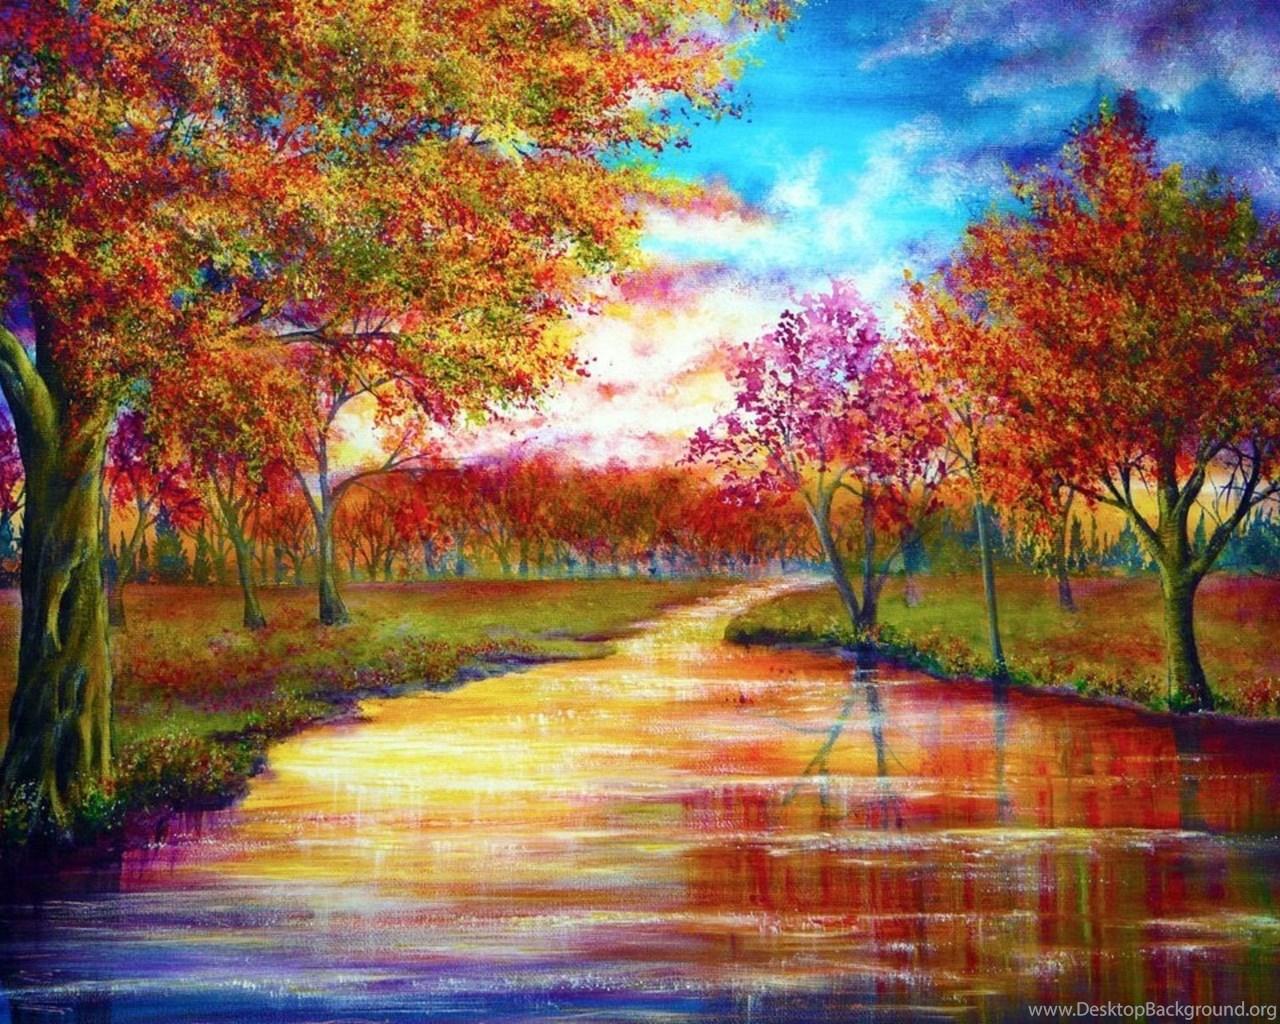 Vibrant colors wallpaper